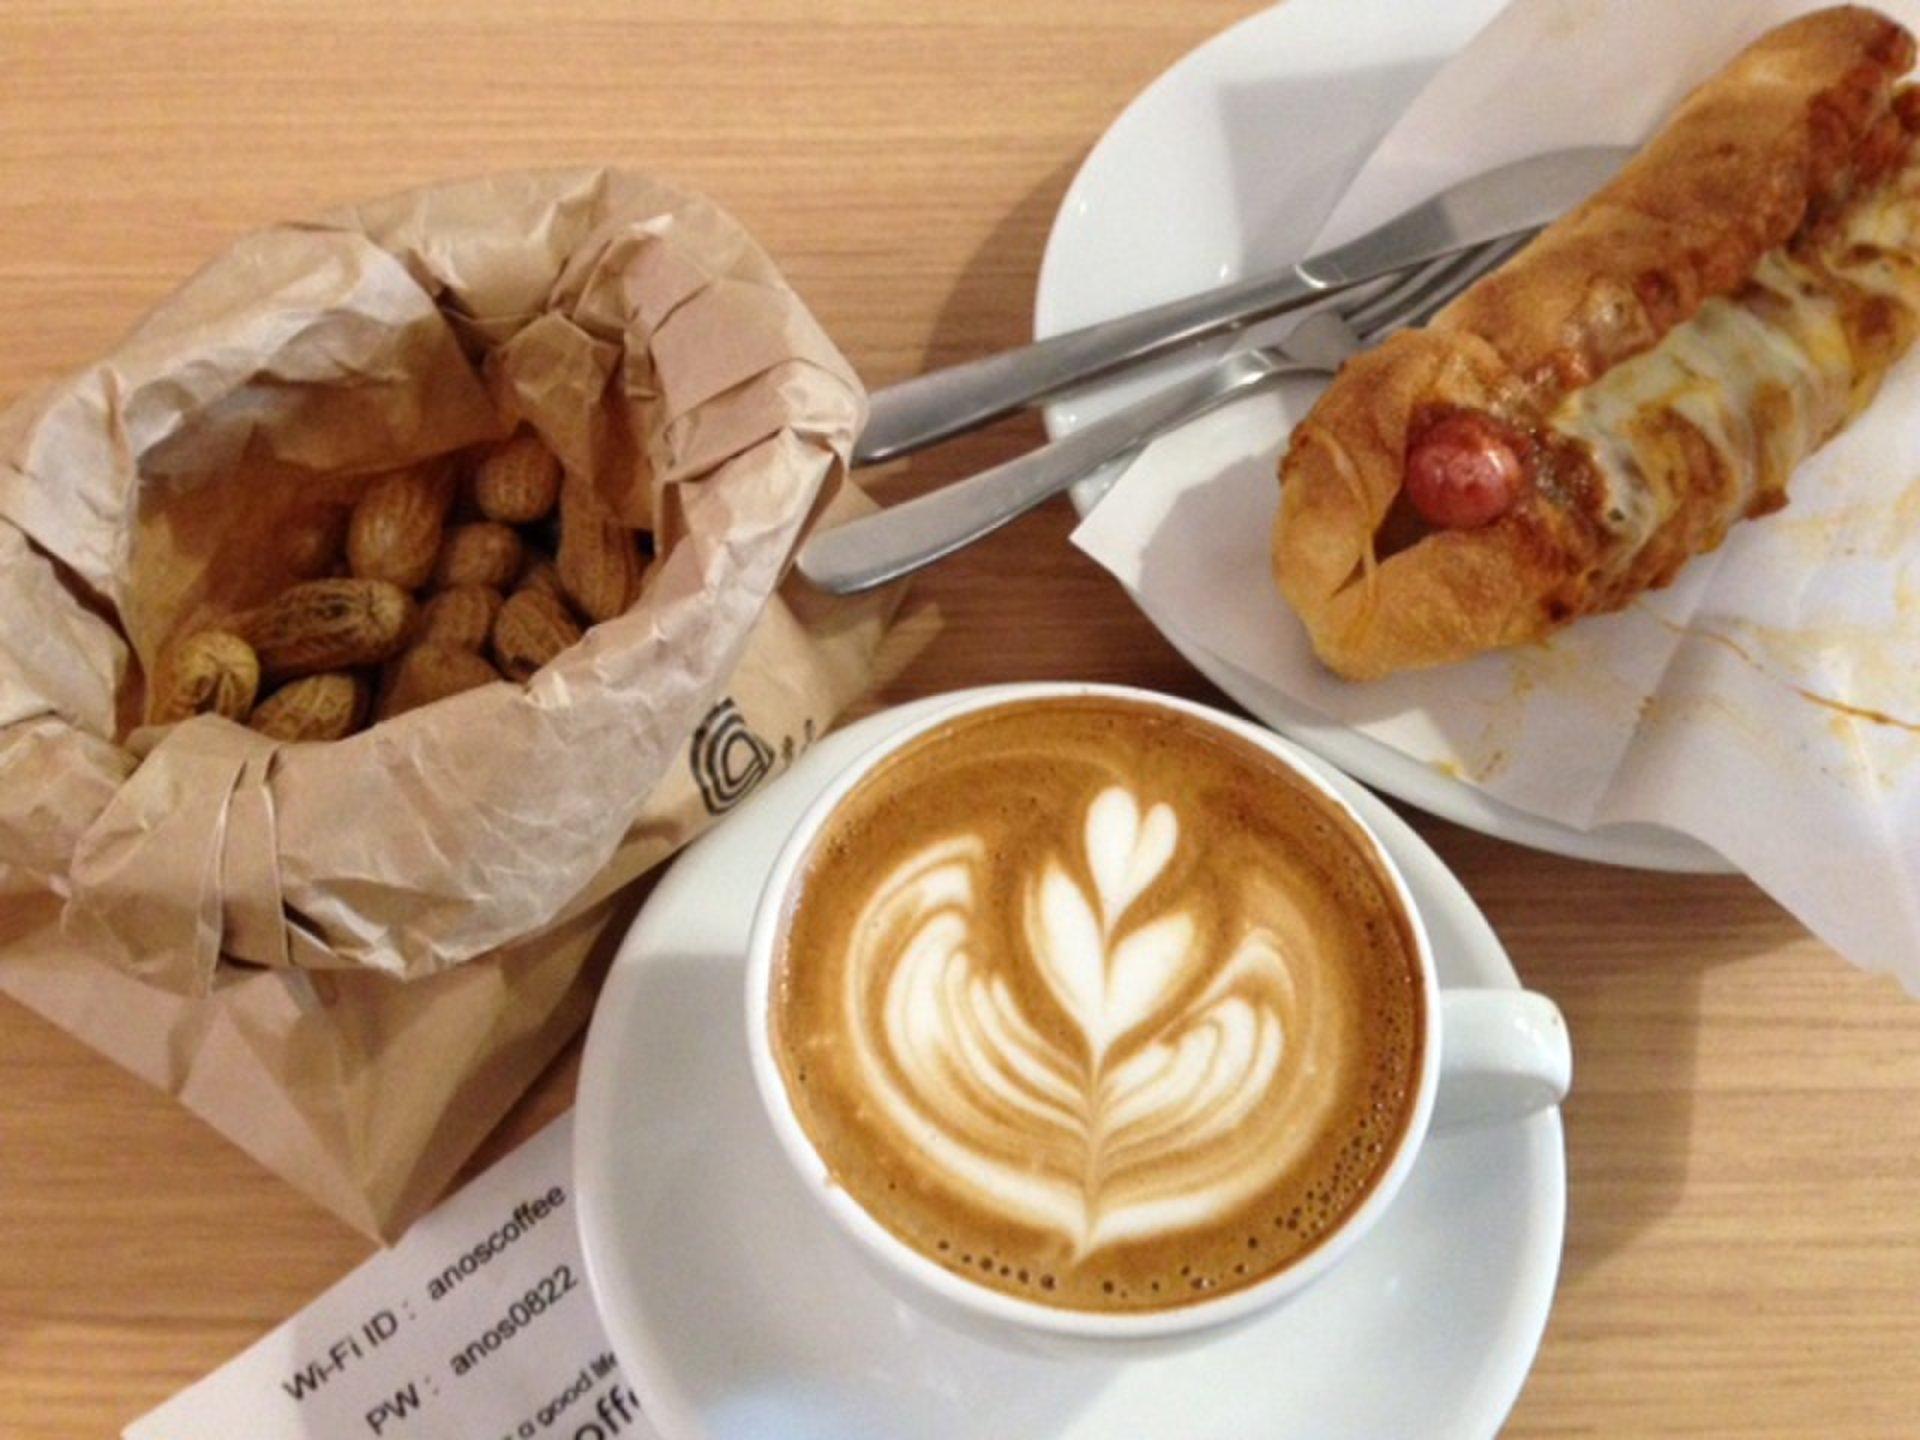 【平塚】淡い快感♪無料で付くピーナッツの殻を床に捨ててOKなオシャレカフェ「anos coffee」